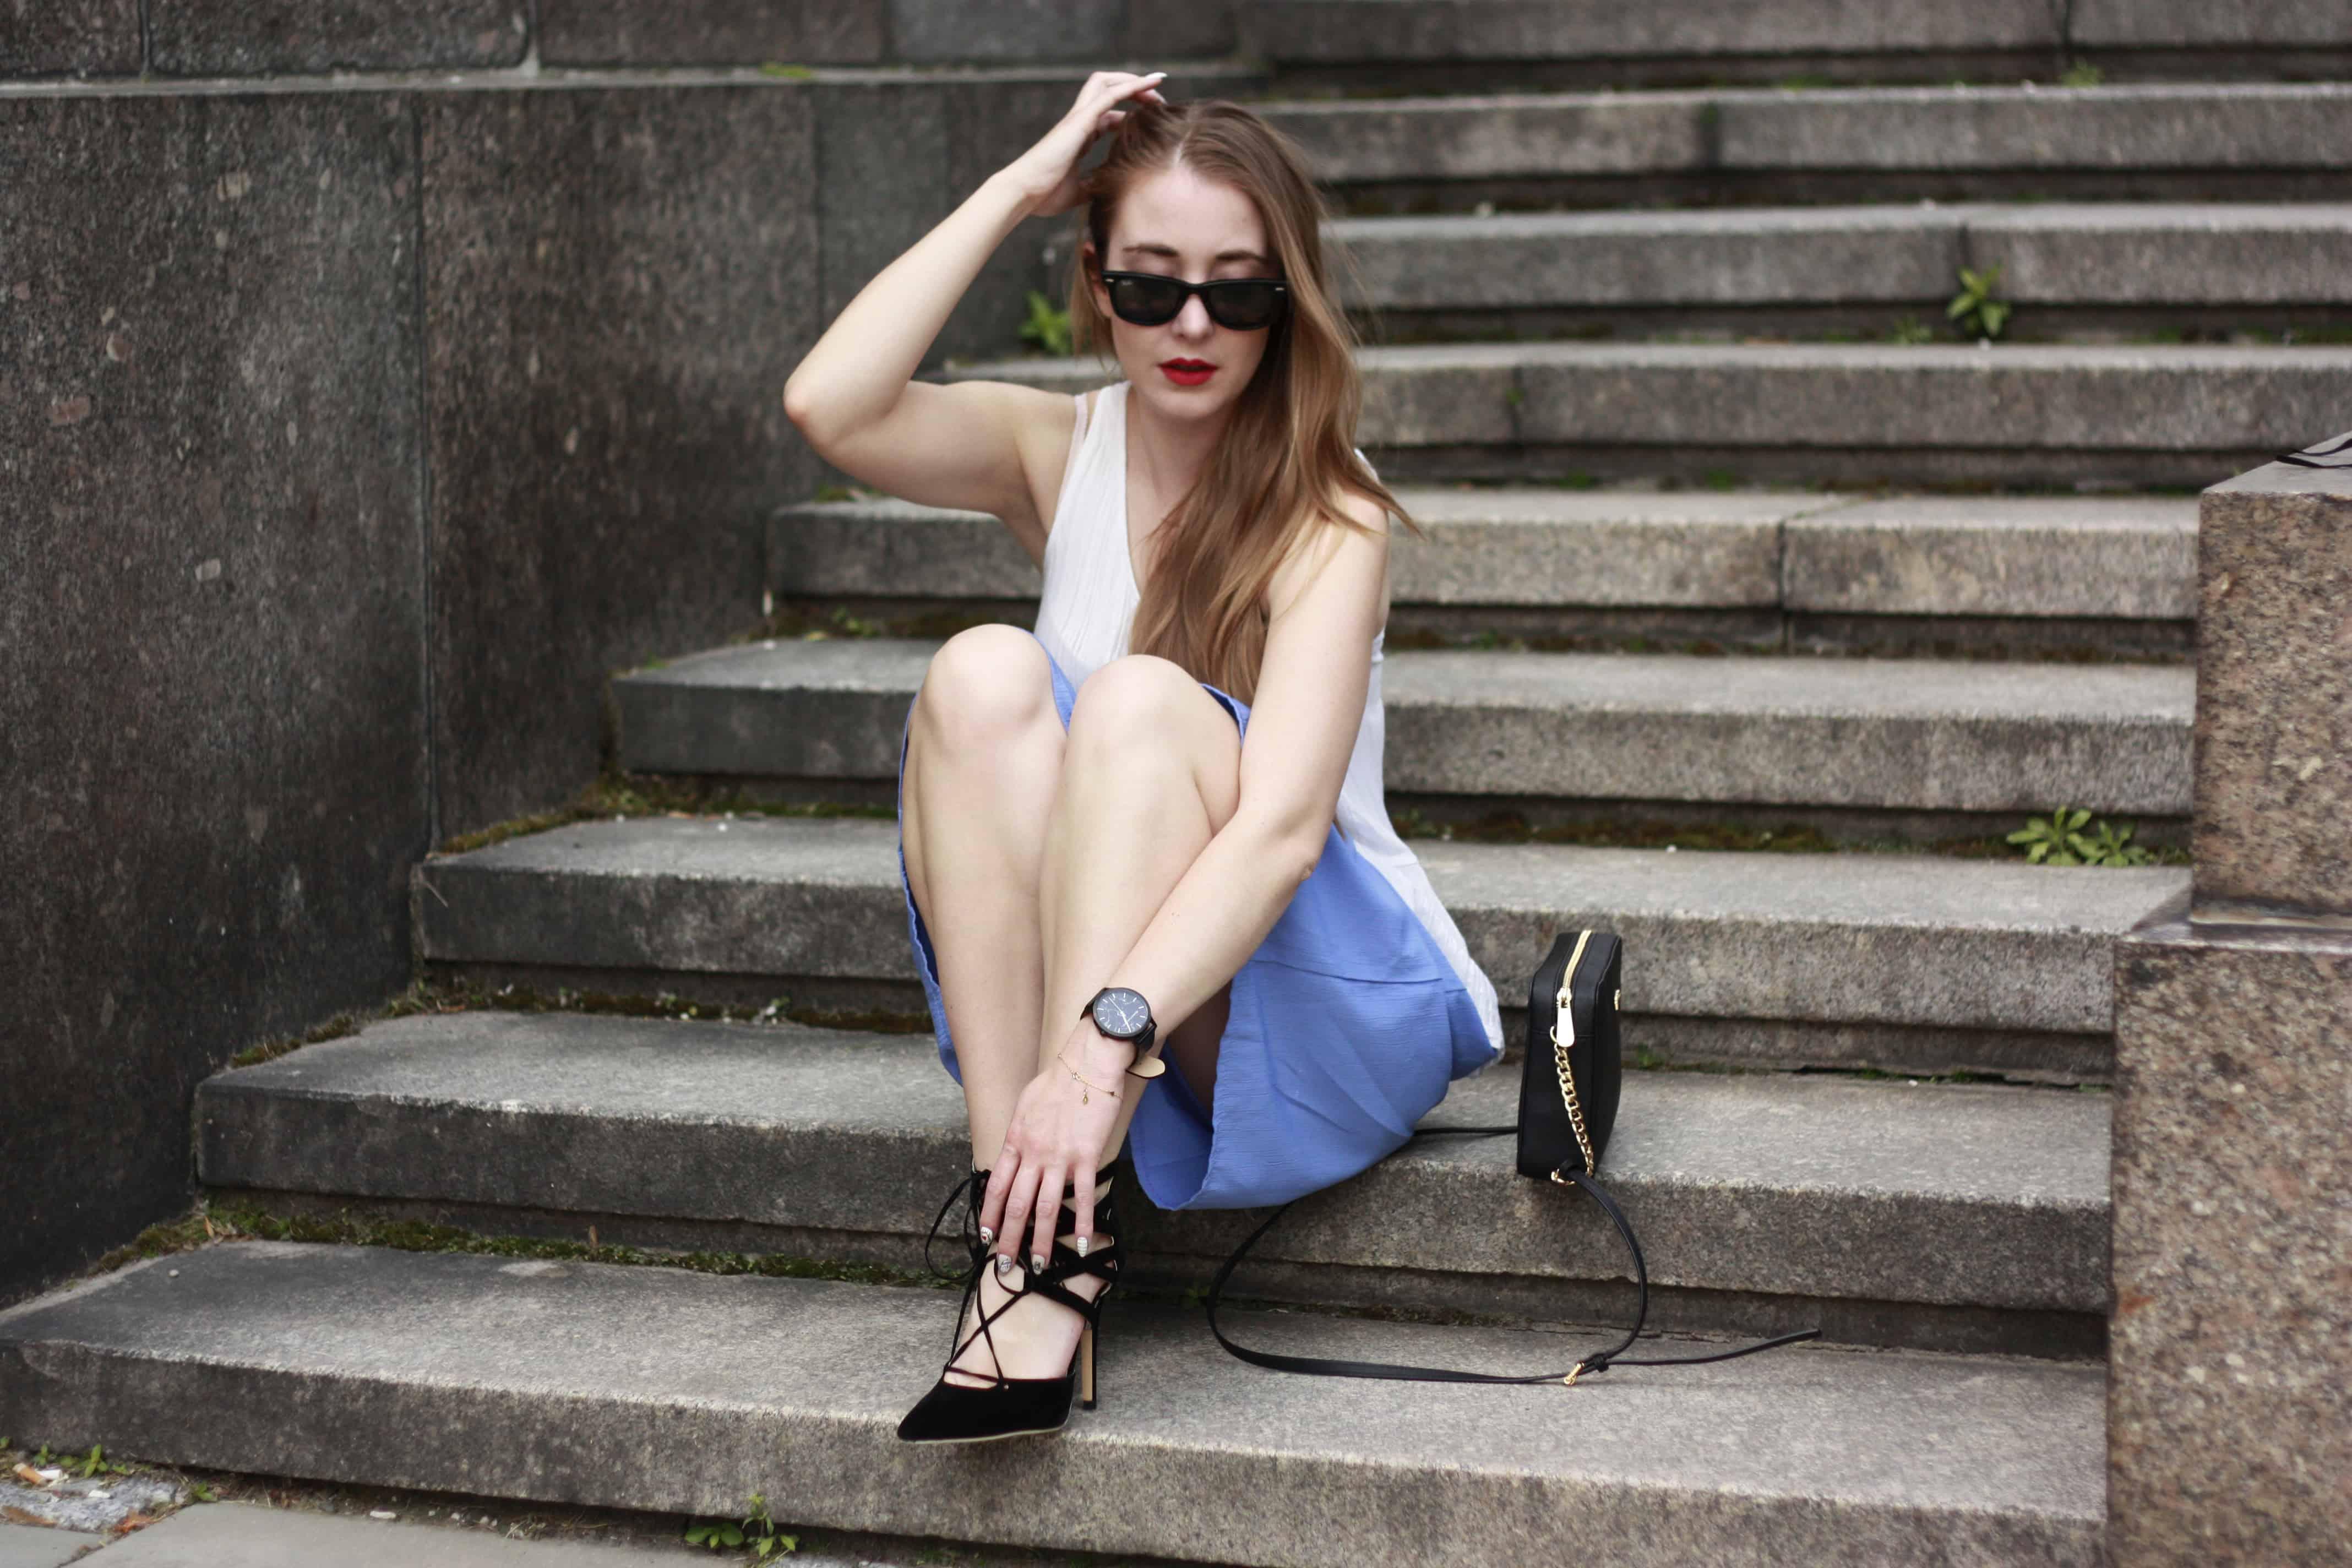 Spódnico-spodnie, czyli słynne culottes w stylizacji